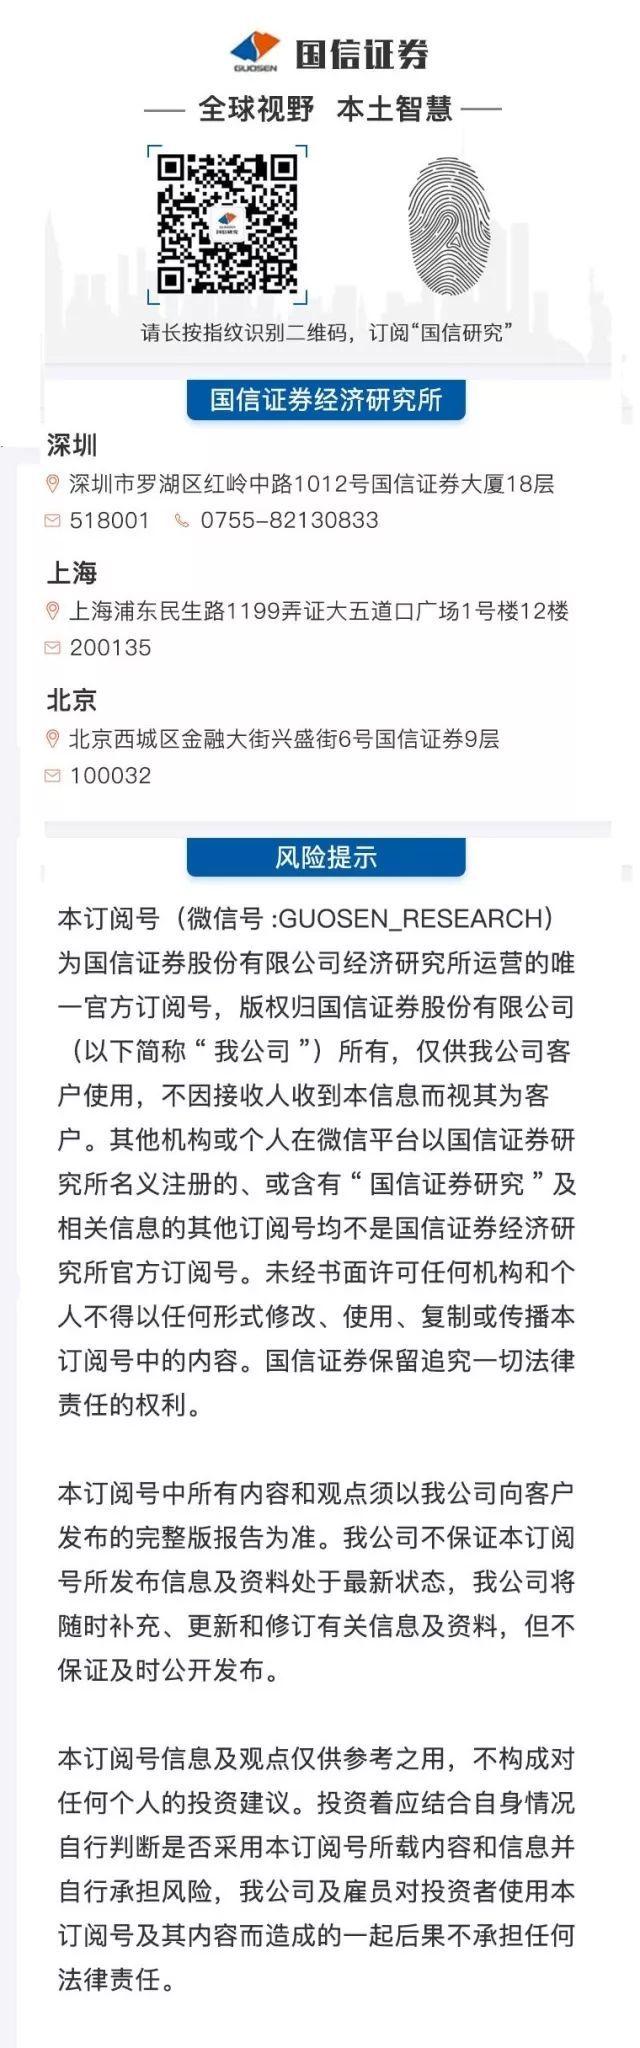 天然气在中国:发展前景展望